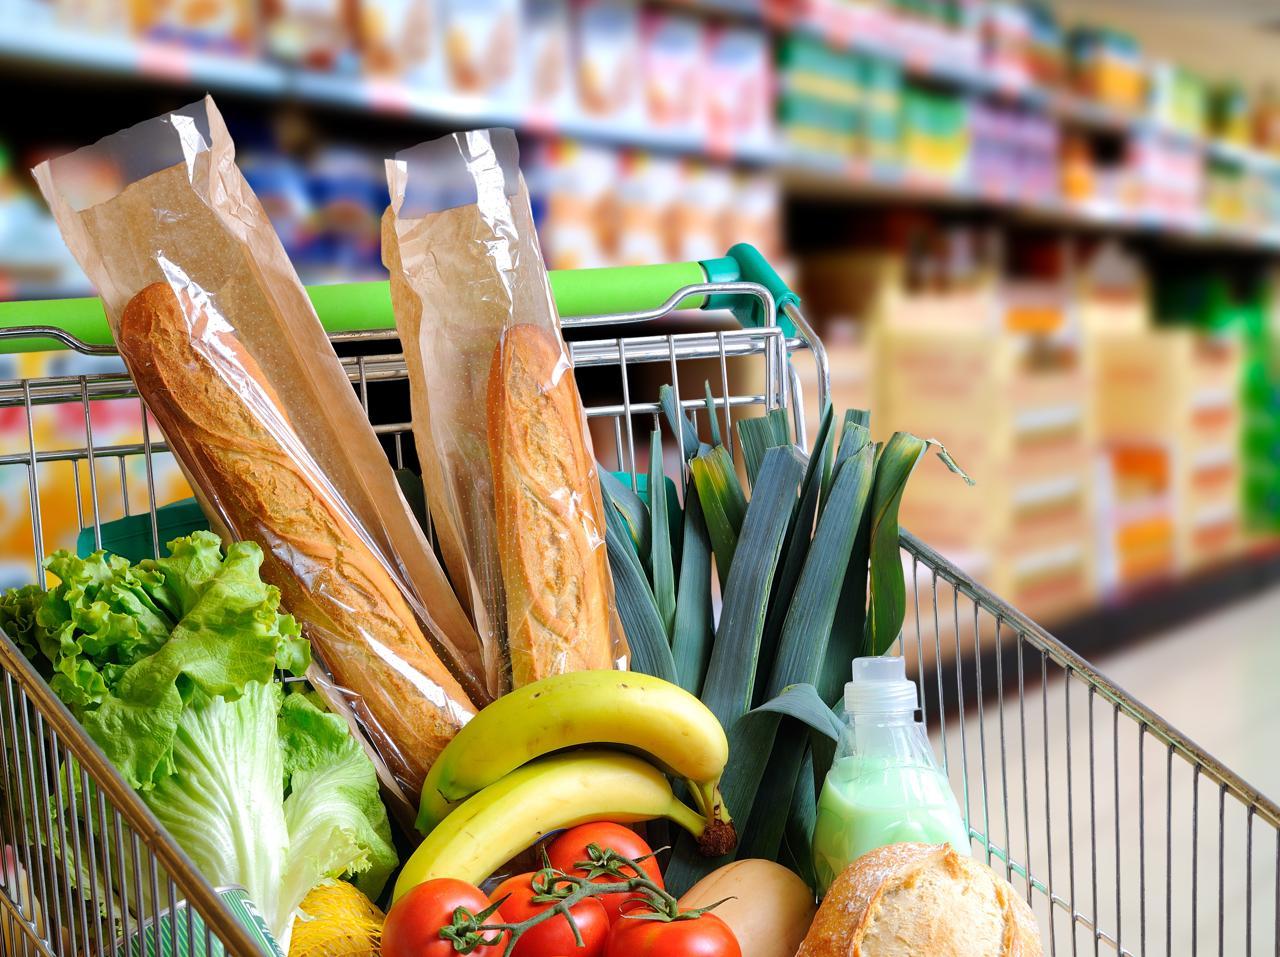 Soccorso alimentare: i fondi saranno assegnati dai servizi sociali dei Comuni. Ecco come